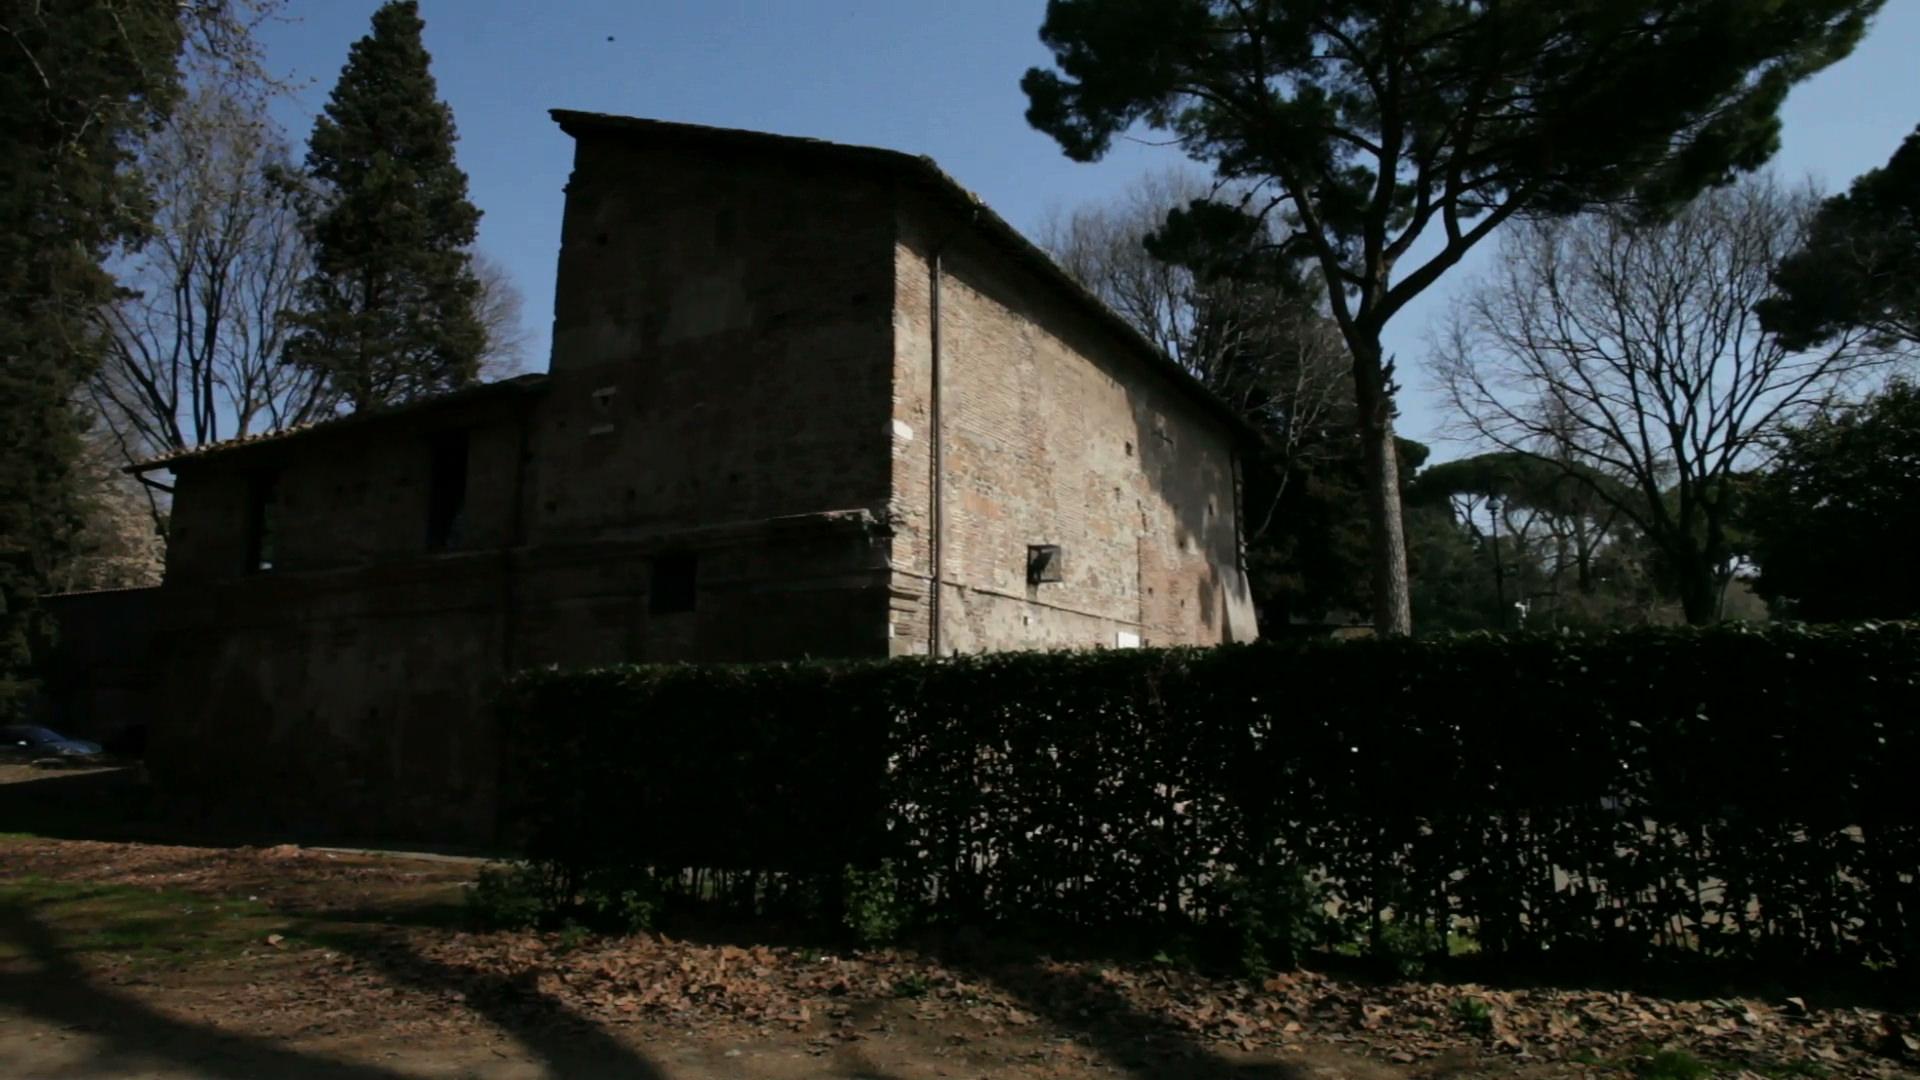 santa maria in tempulo villa aldobrandeschi 00009.jpeg